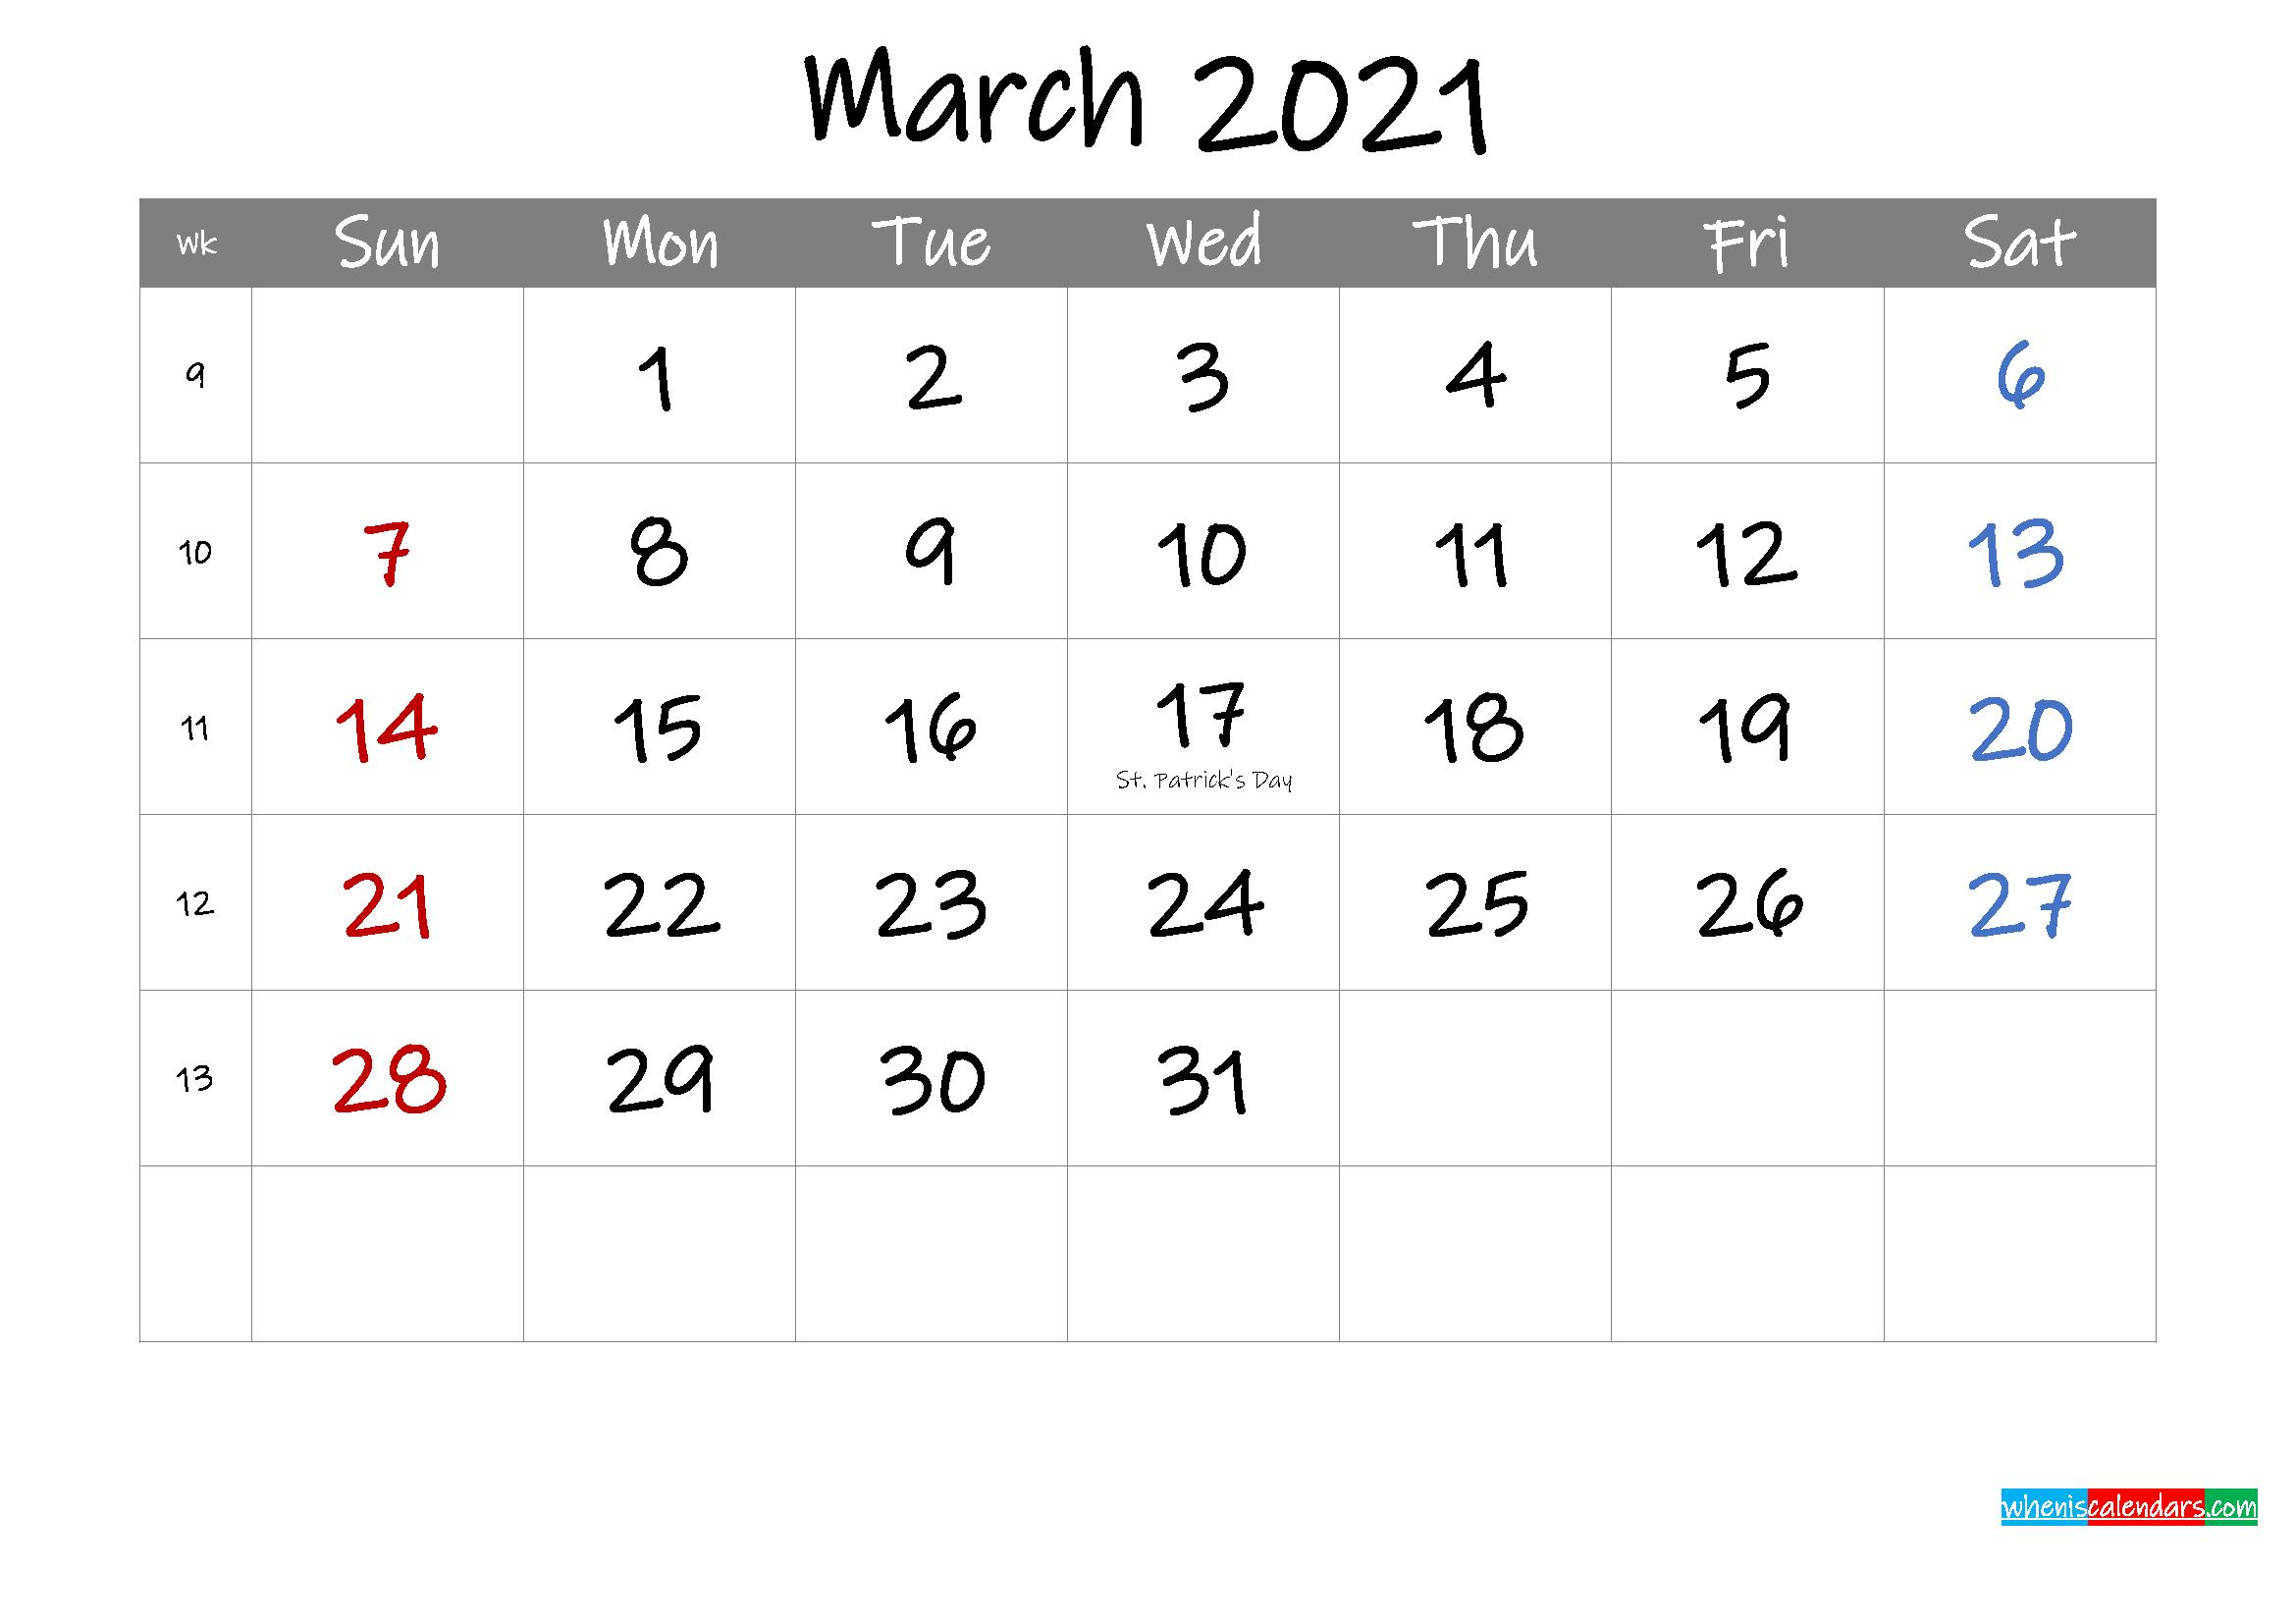 Editable March 2021 Calendar with Holidays